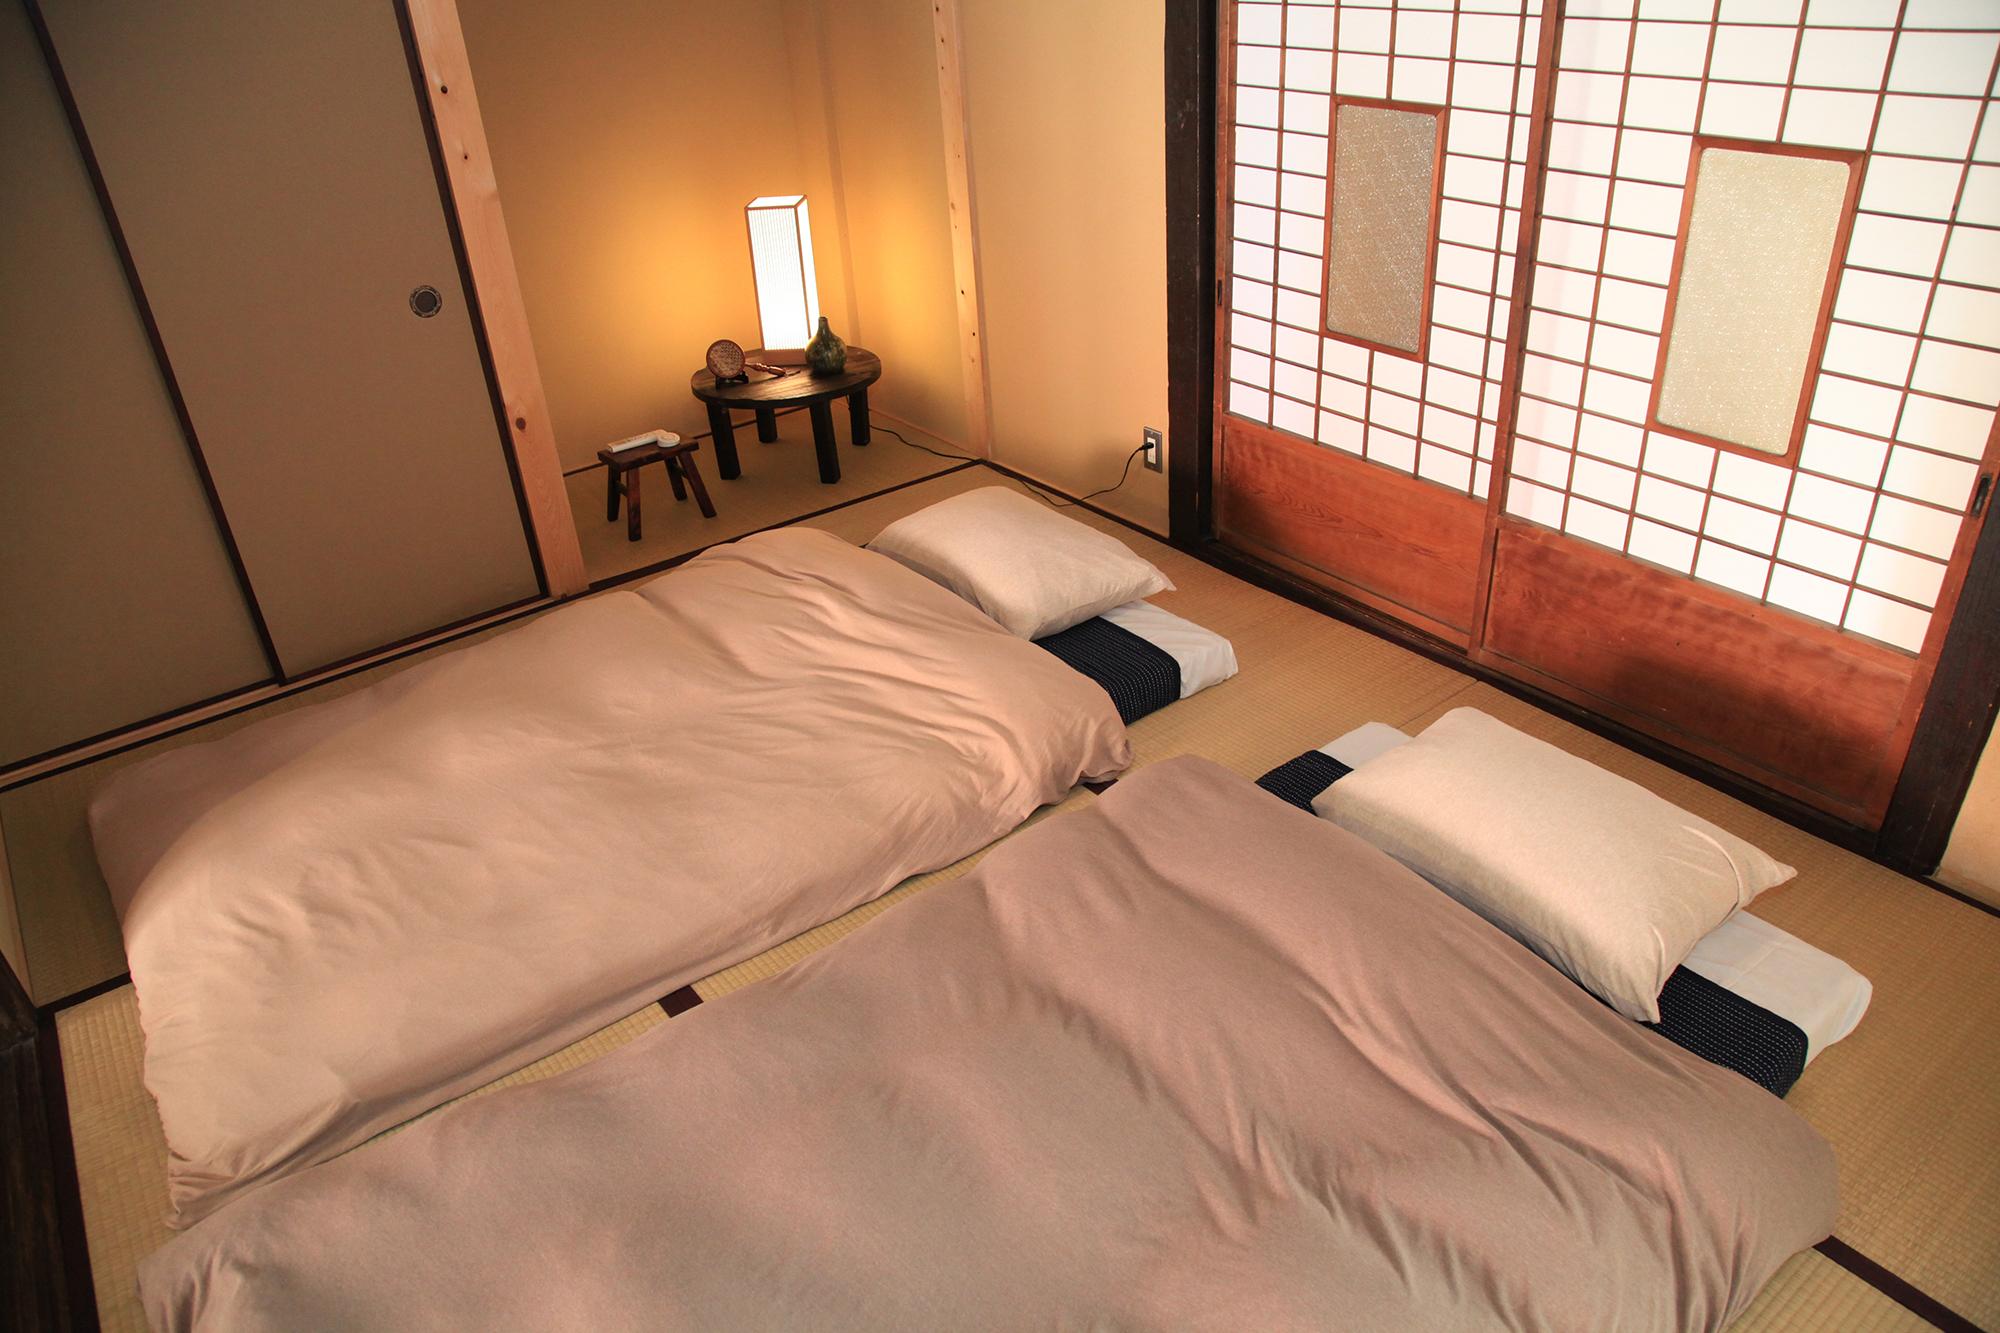 暮らしの宿 てまり「おいとま」1階和室のお布団